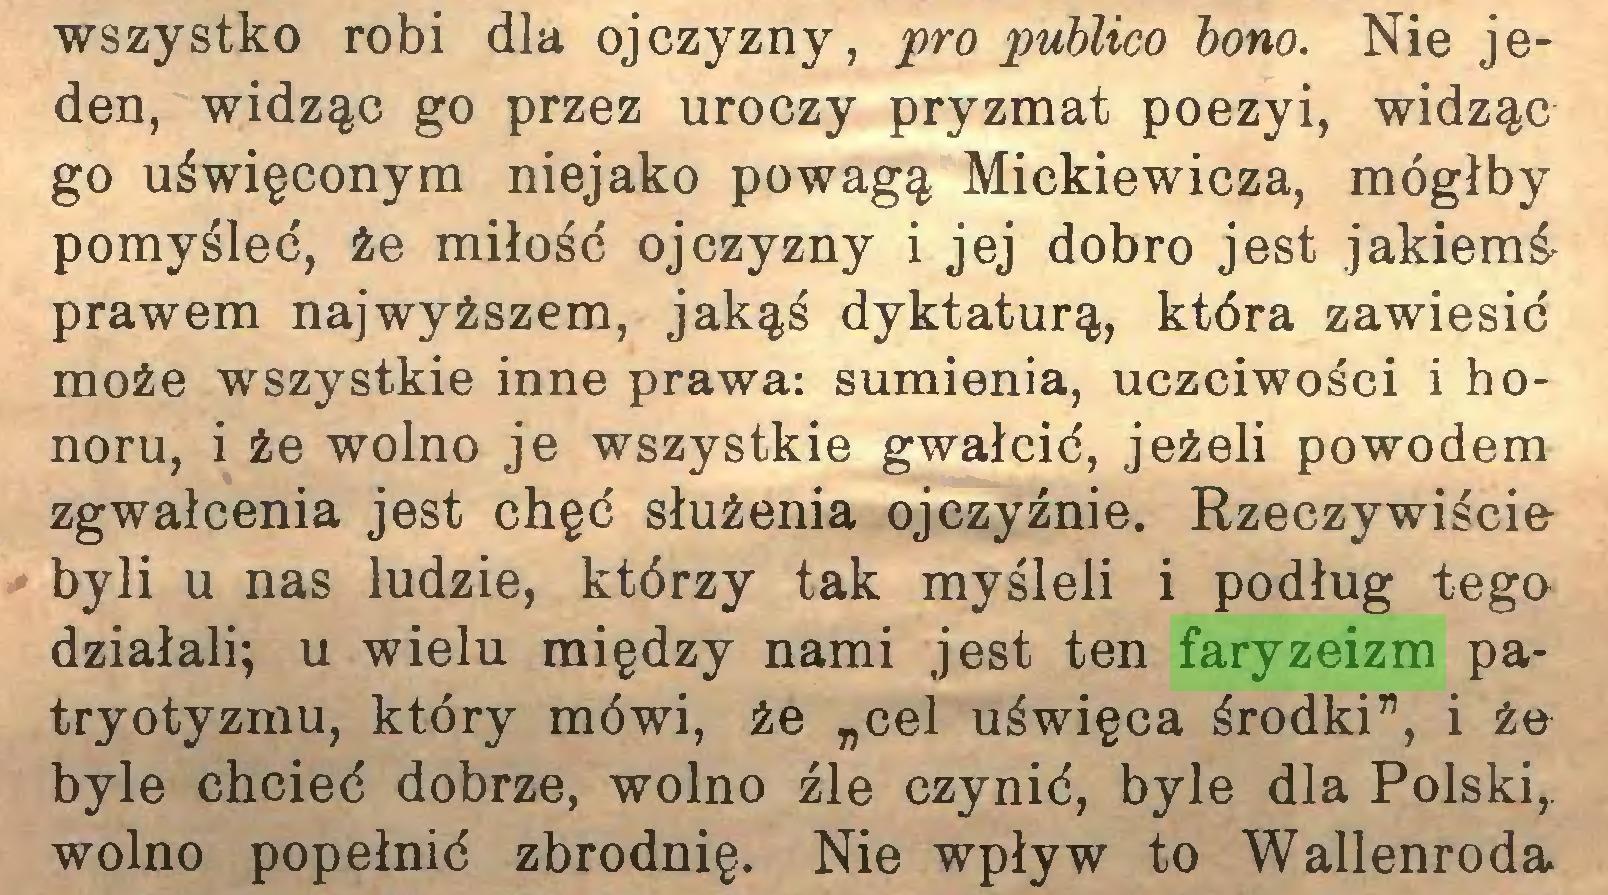 """(...) wszystko robi dla ojczyzny, pro publico bono. Nie jeden, widząc go przez uroczy pryzmat poezyi, widząc go uświęconym niejako powagą Mickiewicza, mógłby pomyśleć, że miłość ojczyzny i jej dobro jest jakiemśprawem najwyższem, jakąś dyktaturą, która zawiesić może wszystkie inne prawa: sumienia, uczciwości i honoru, i że wolno je wszystkie gwałcić, jeżeli powodem zgwałcenia jest chęć służenia ojczyźnie. Rzeczywiście byli u nas ludzie, którzy tak myśleli i podług tego działali; u wielu między nami jest ten faryzeizm patryotyzmu, który mówi, że """"cel uświęca środki"""", i że byle chcieć dobrze, wolno źle czynić, byle dla Polski,, wolno popełnić zbrodnię. Nie wpływ to Wallenroda..."""